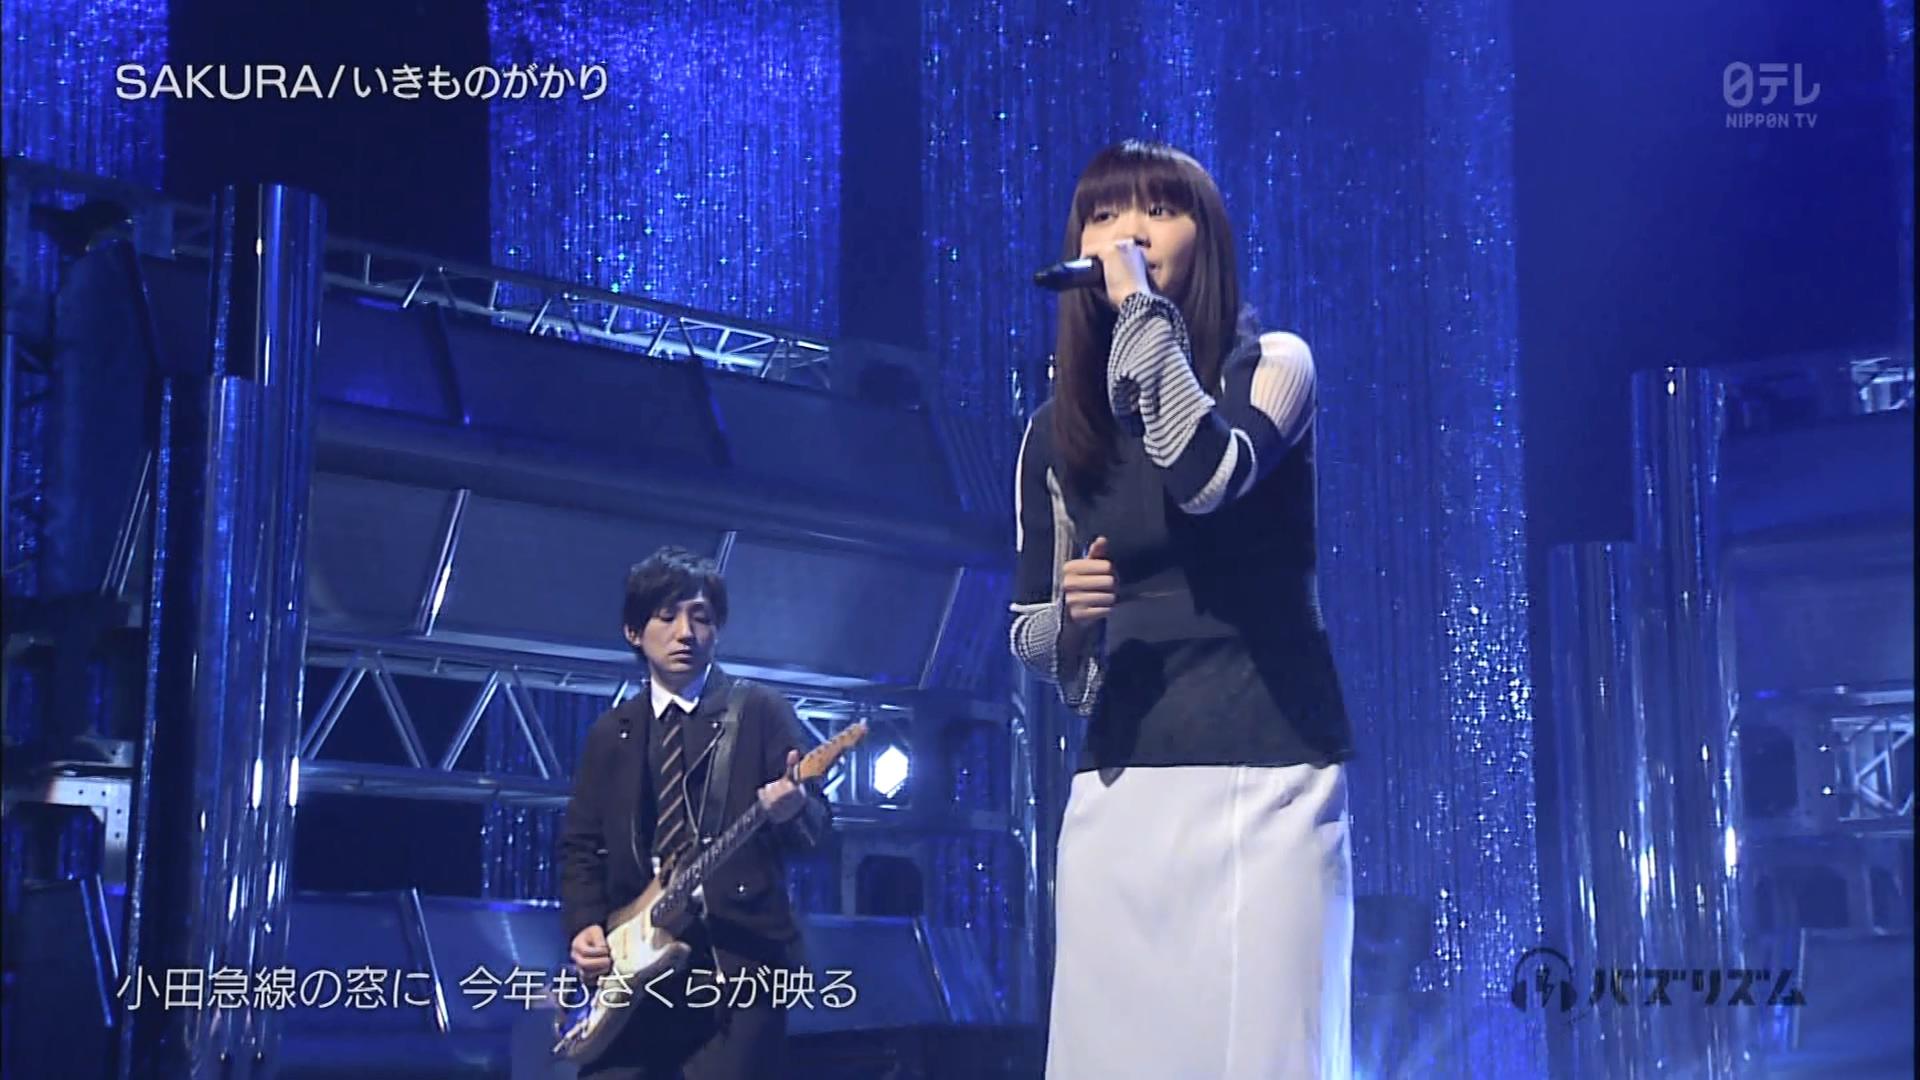 2016.03.11 全場(バズリズム).ts_20160312_021334.968